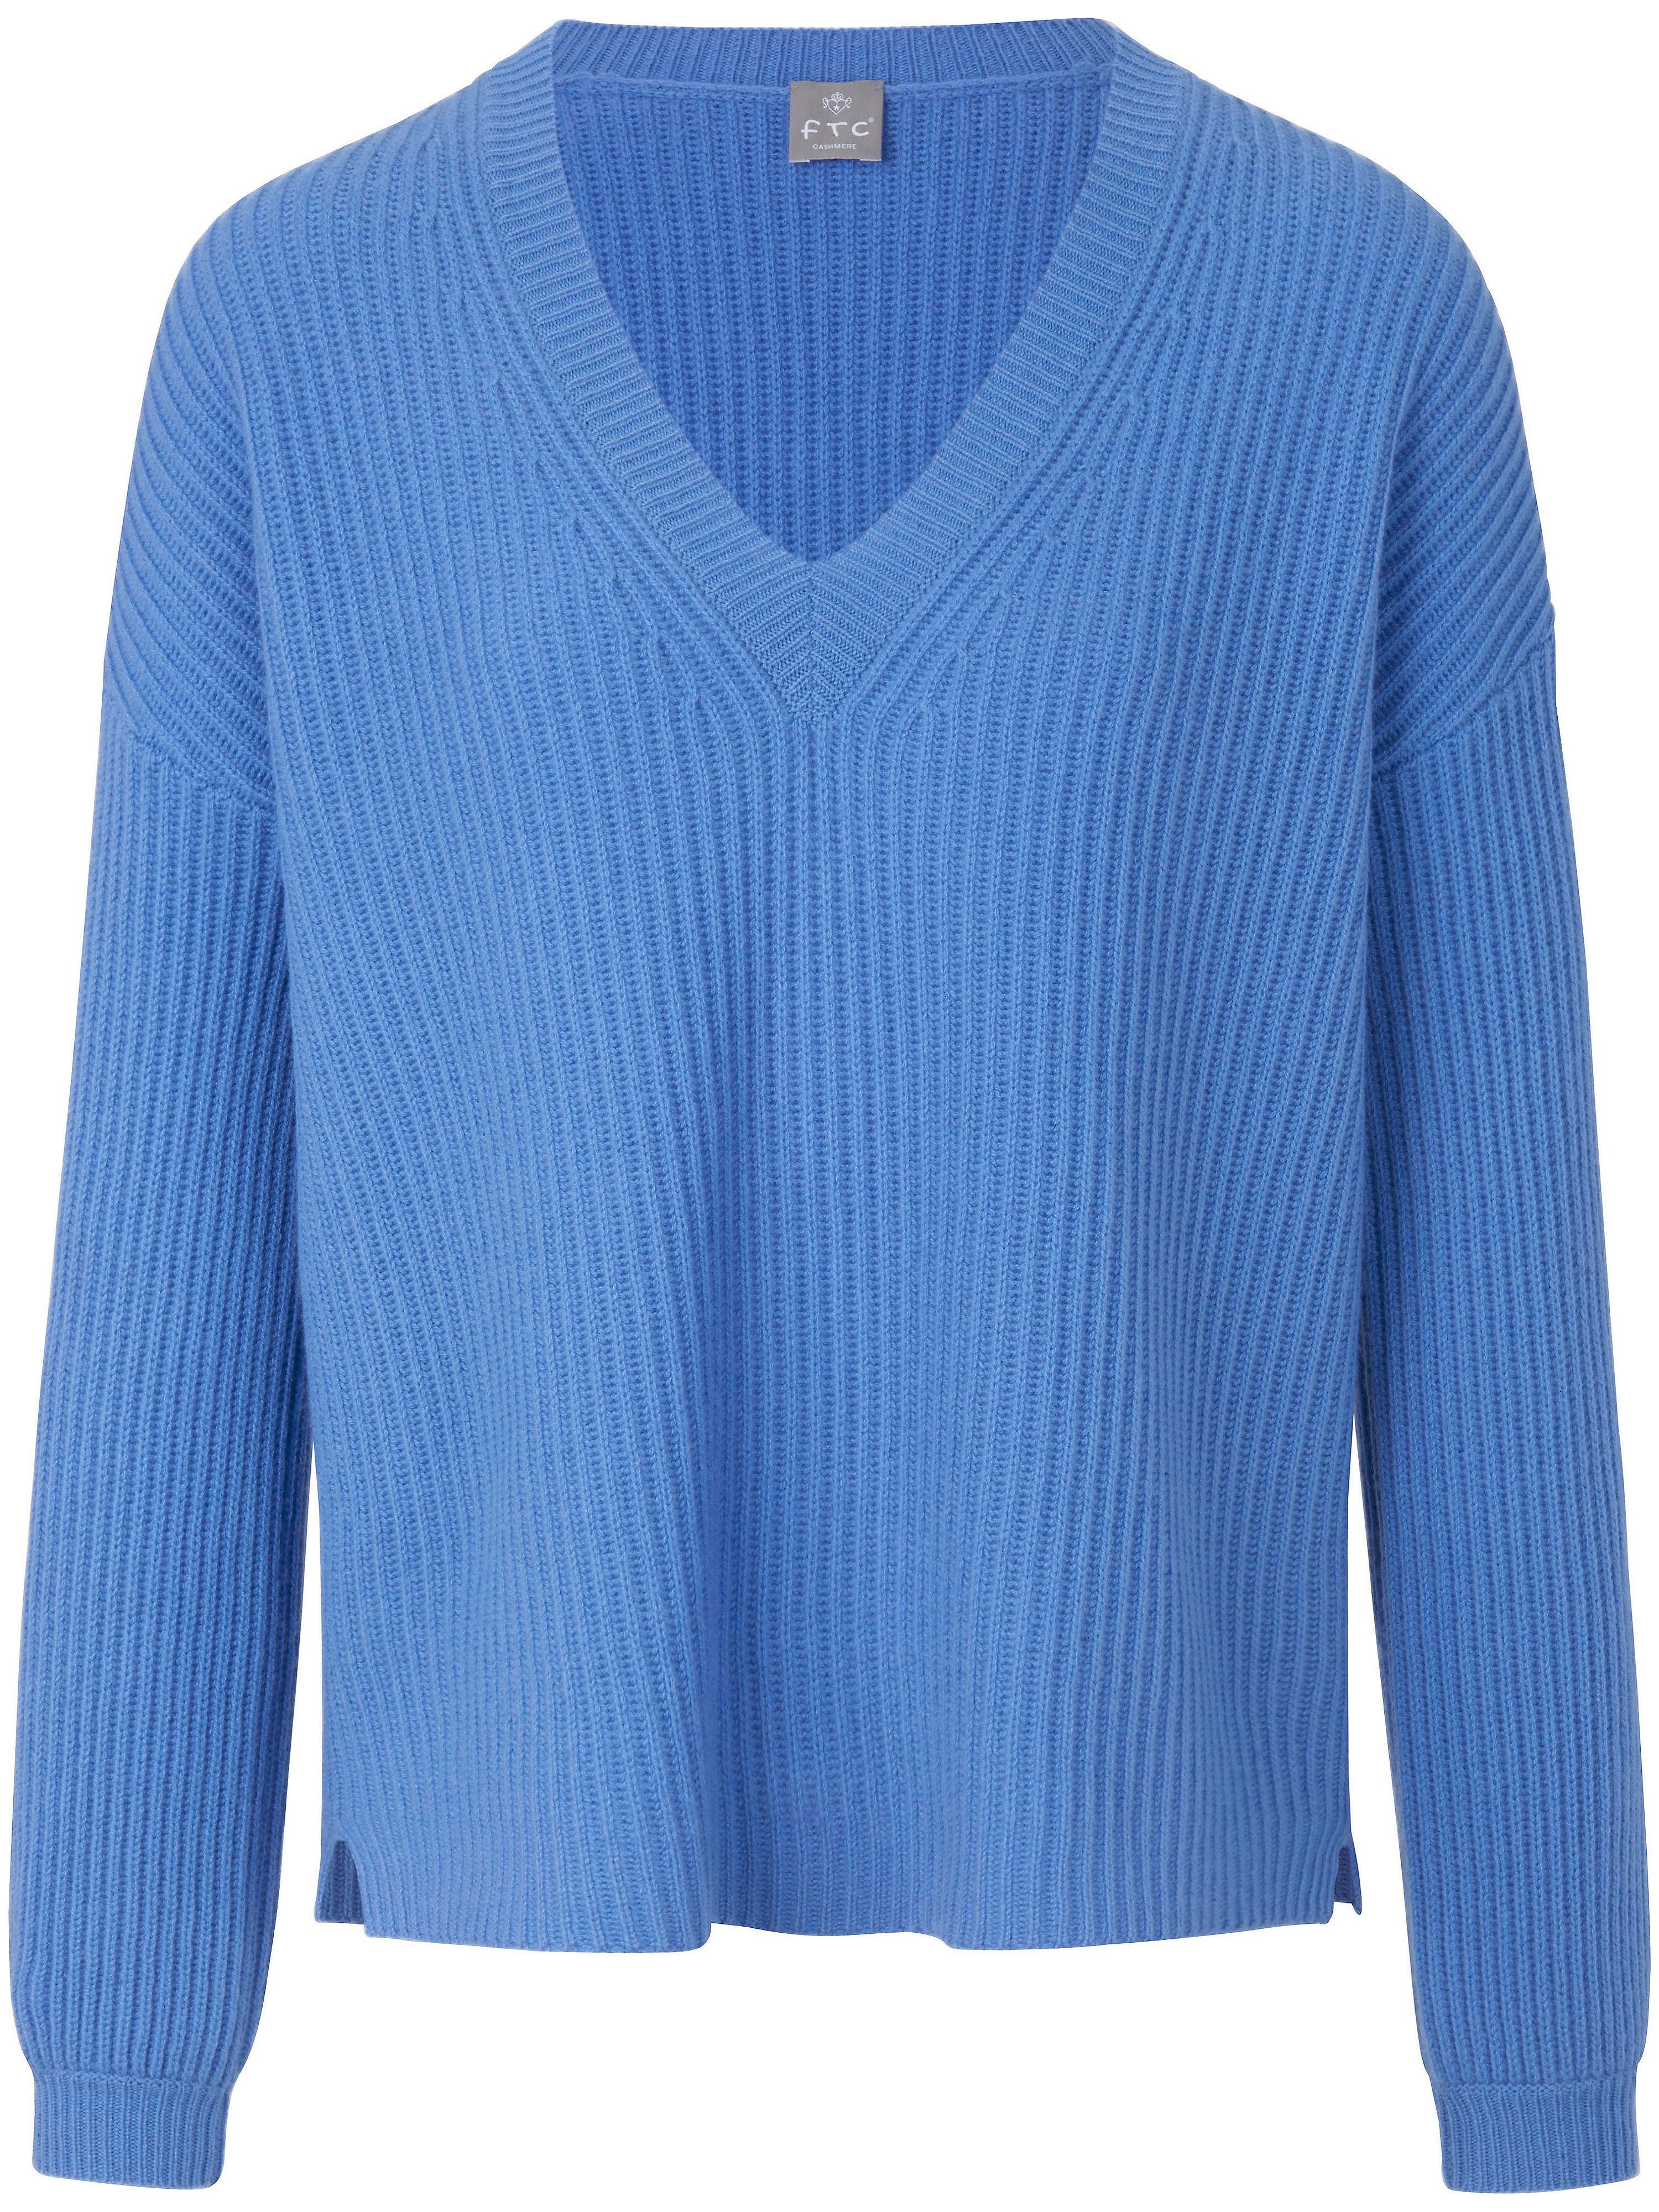 FTC Cashmere V-ringad tröja i 100% kashmir från FTC Cashmere blå